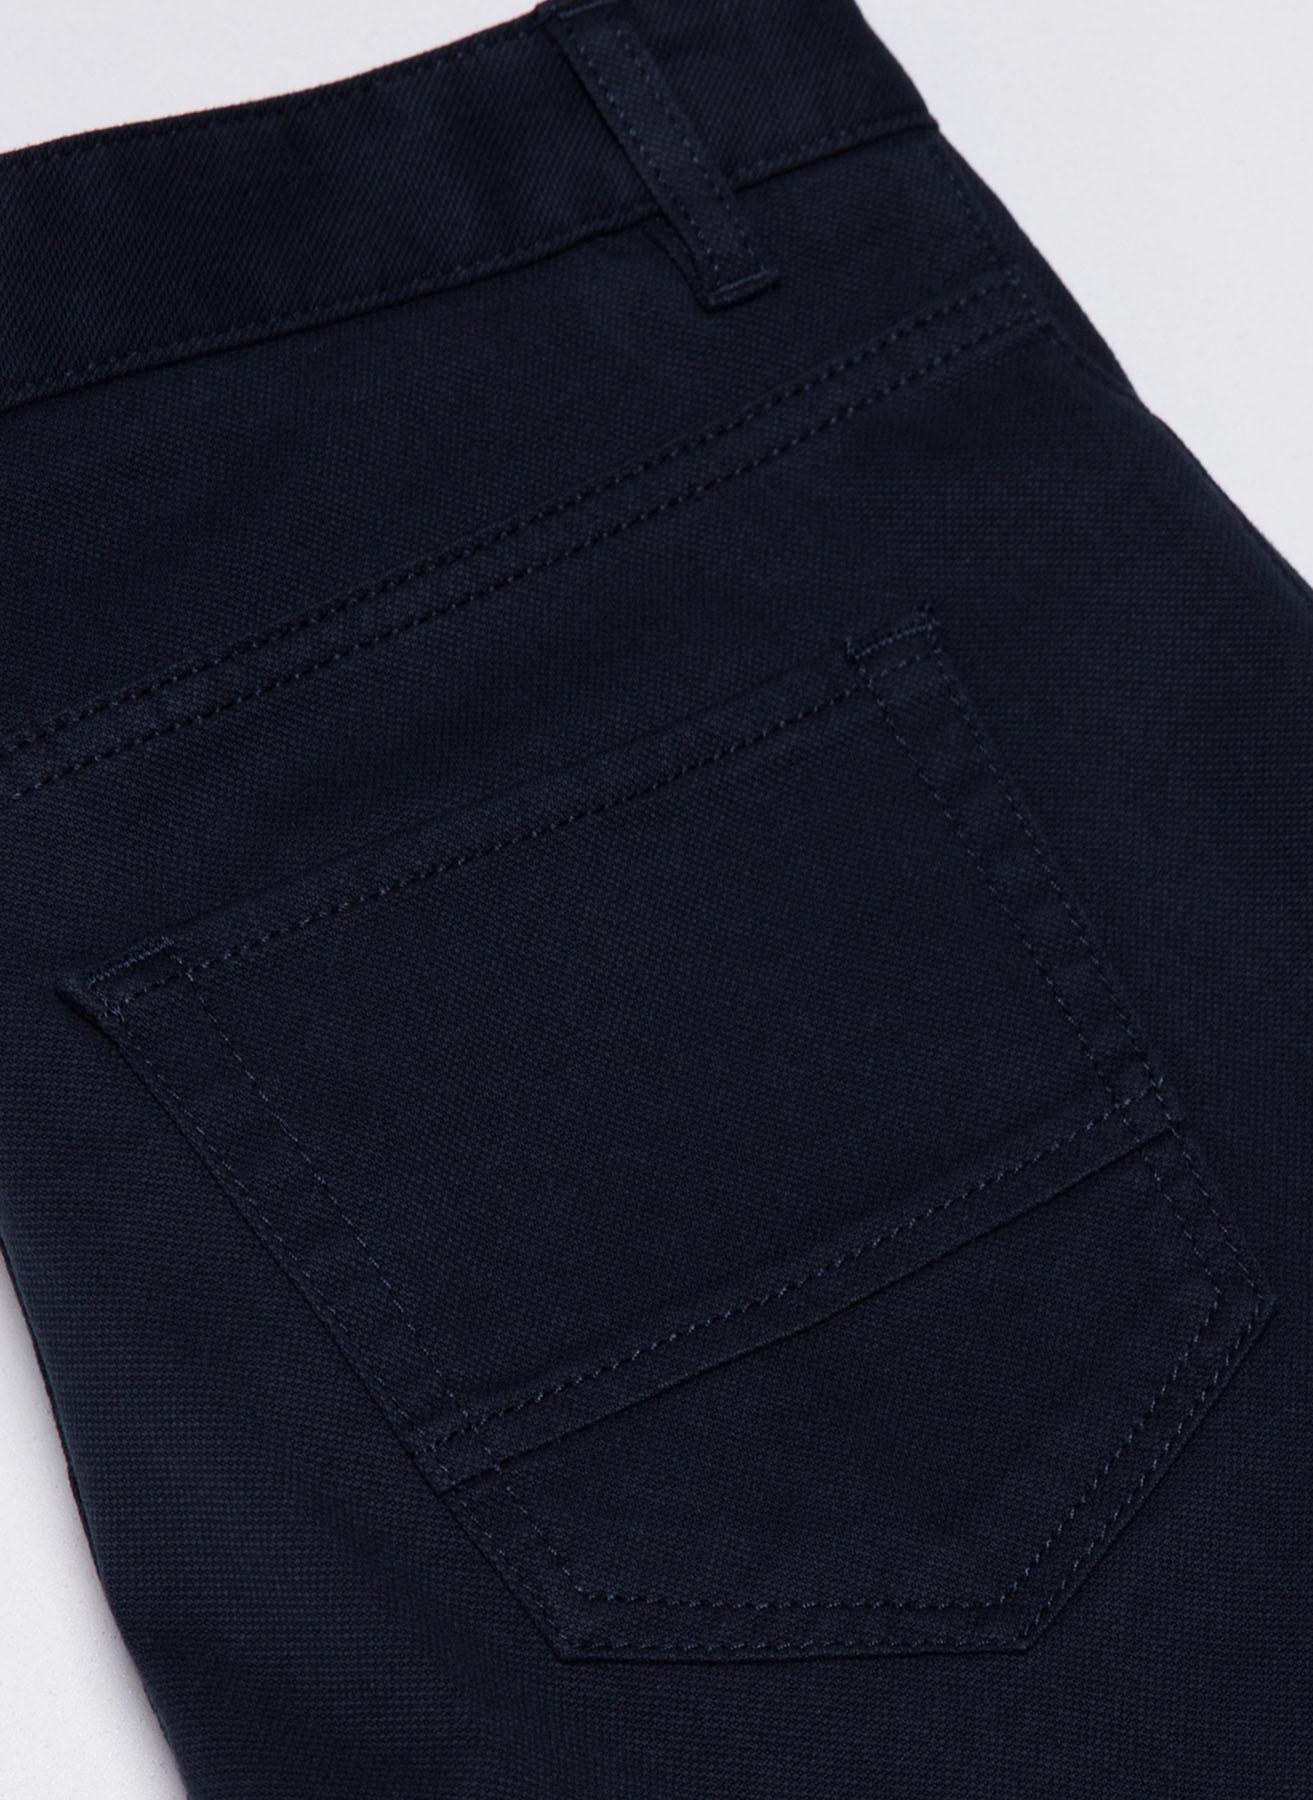 Pierre Cardin Slim Fit Gabardin Lacivert Klasik Pantolon 31 5000205992004 Ürün Resmi